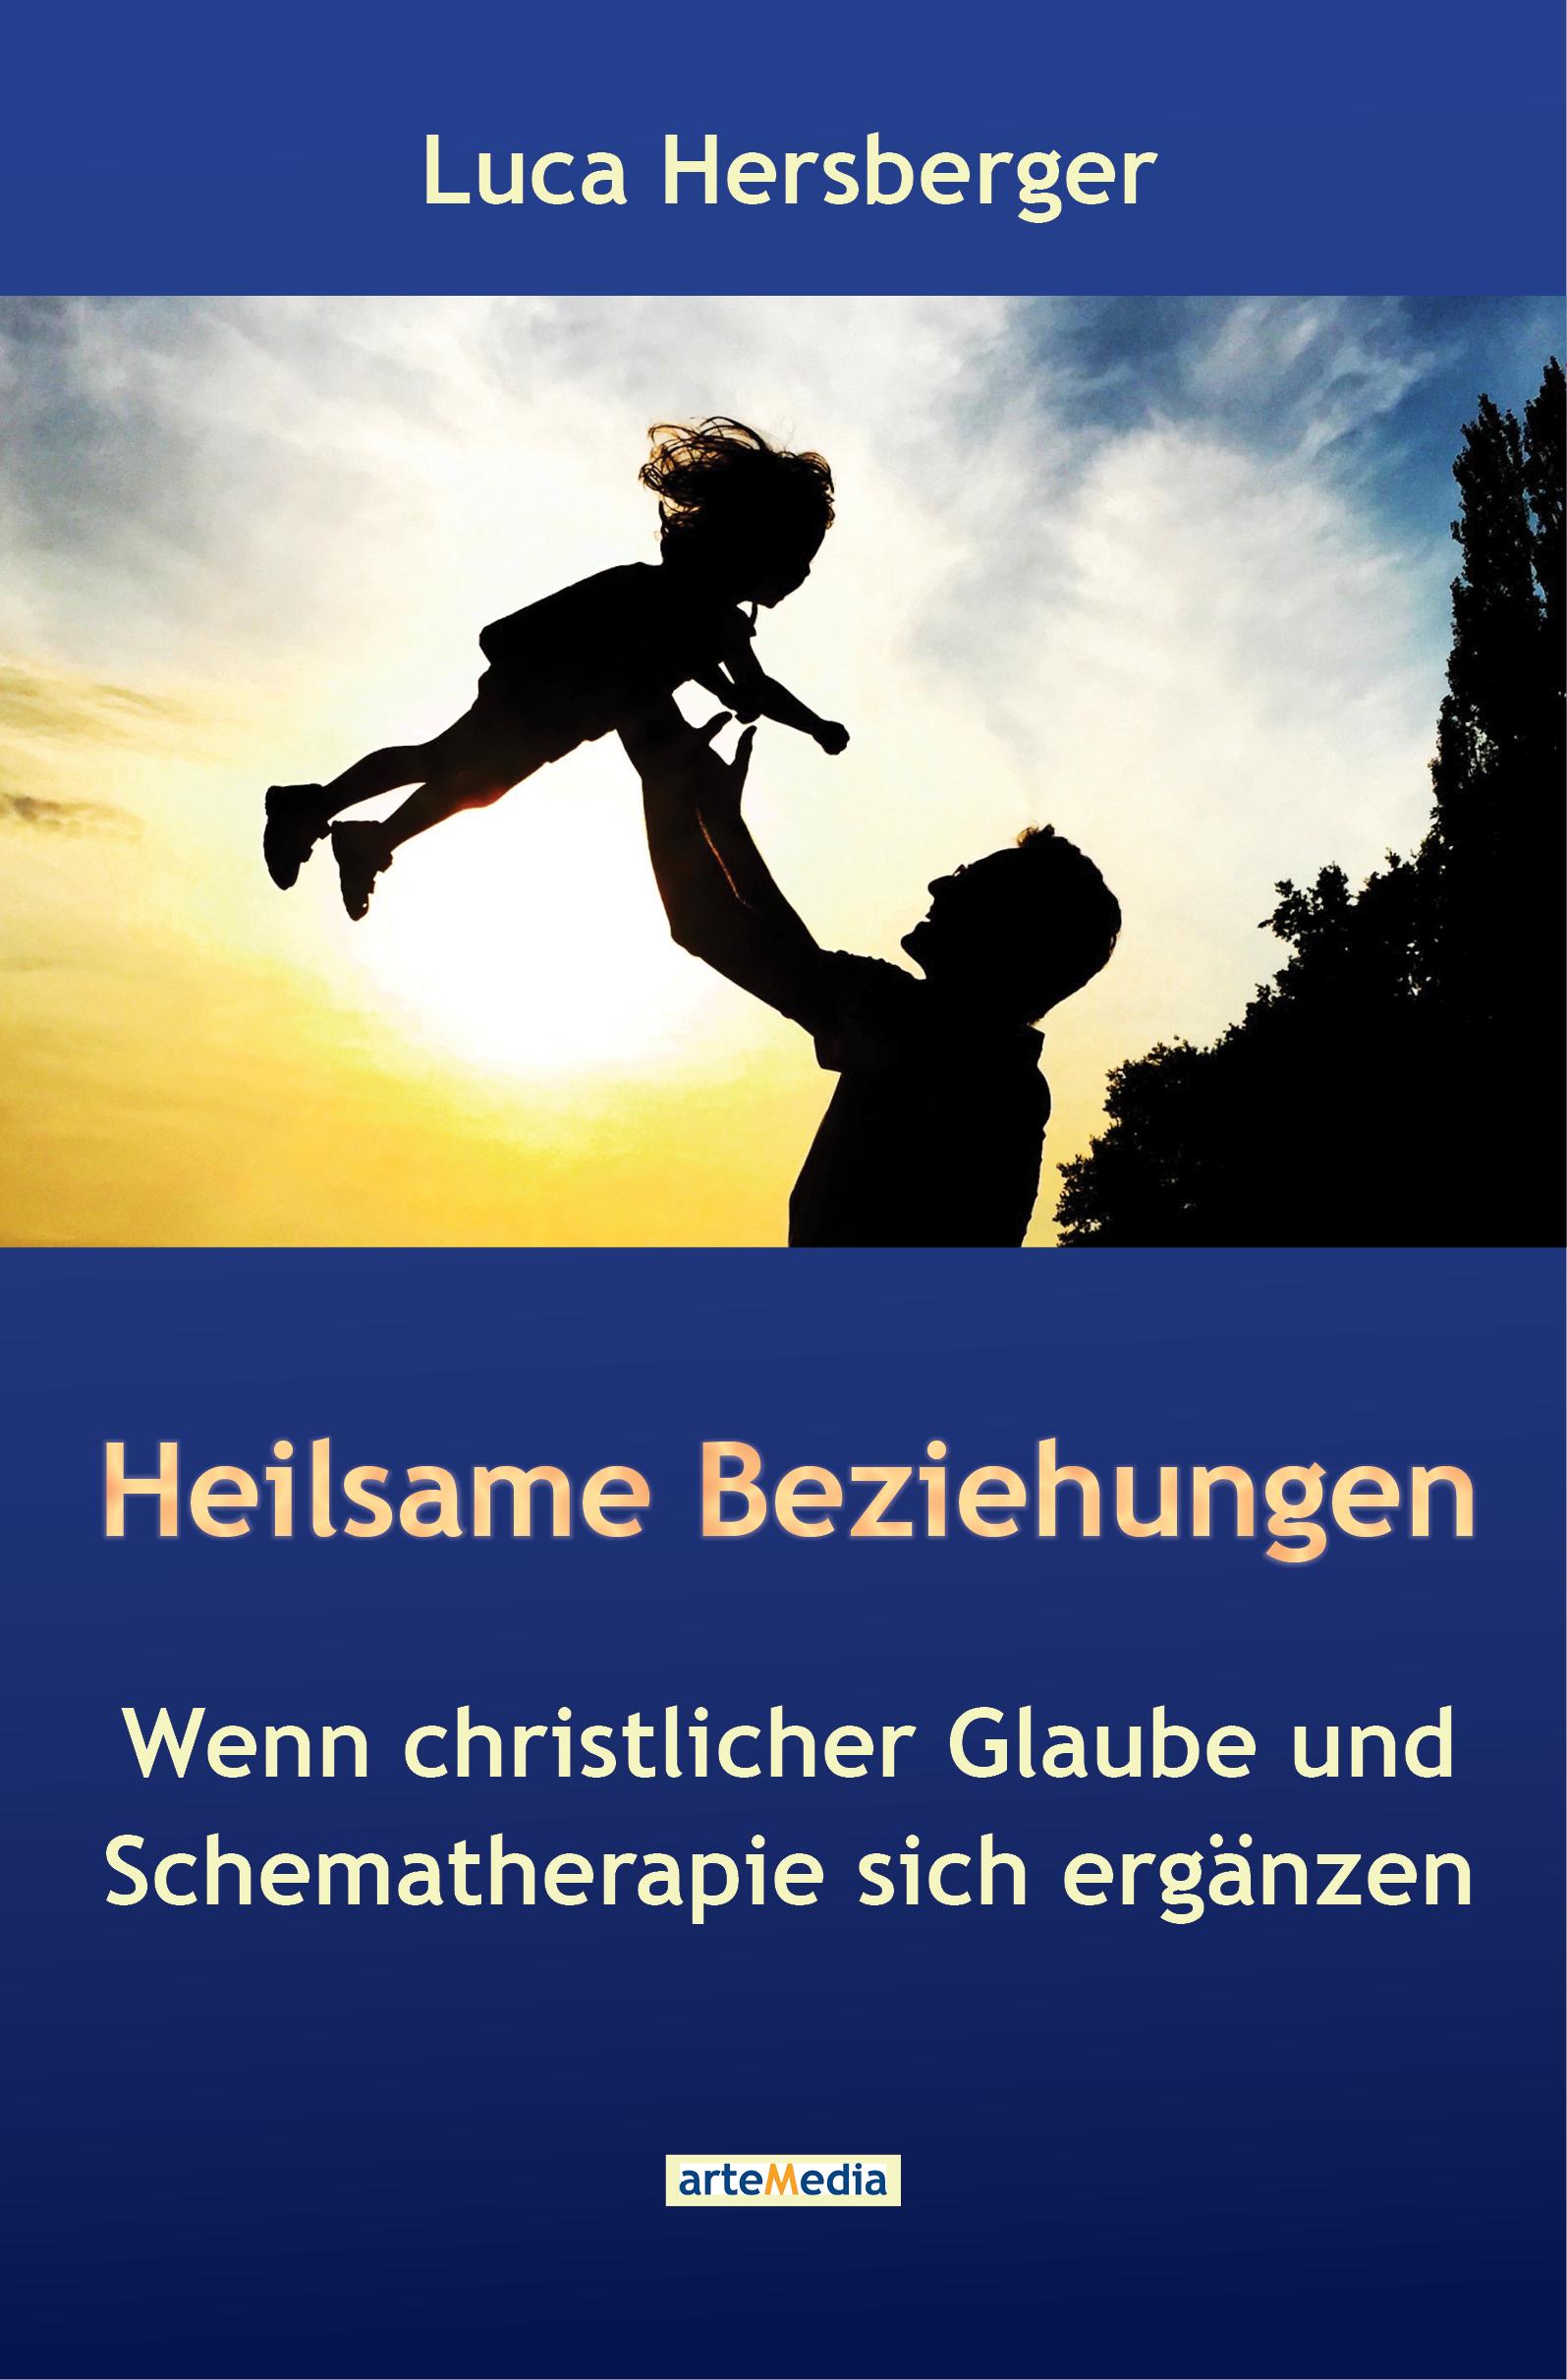 Luca Hersberger – Heilsame Beziehungen – Wenn christlicher Glaube und Schematherapie sich ergänzen